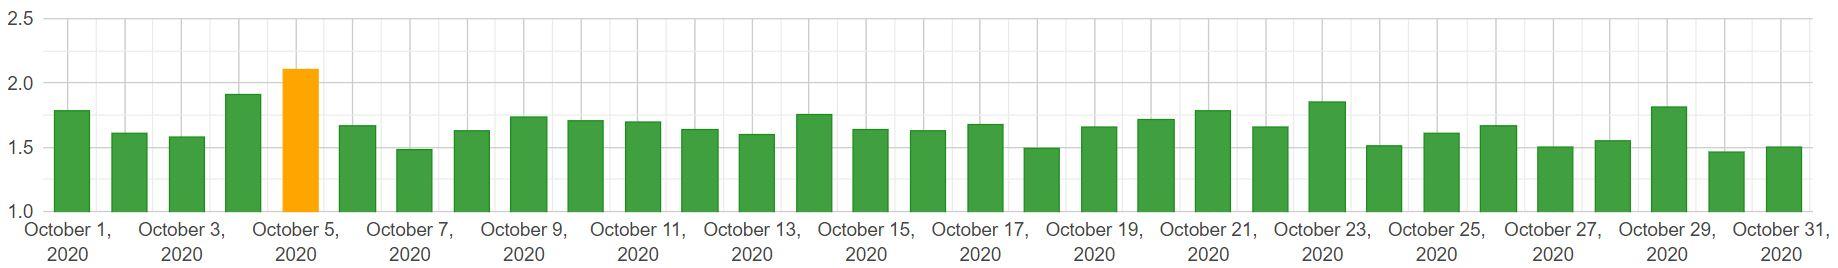 Algoroo: zmiany w SERP (mobile) - październik 2020